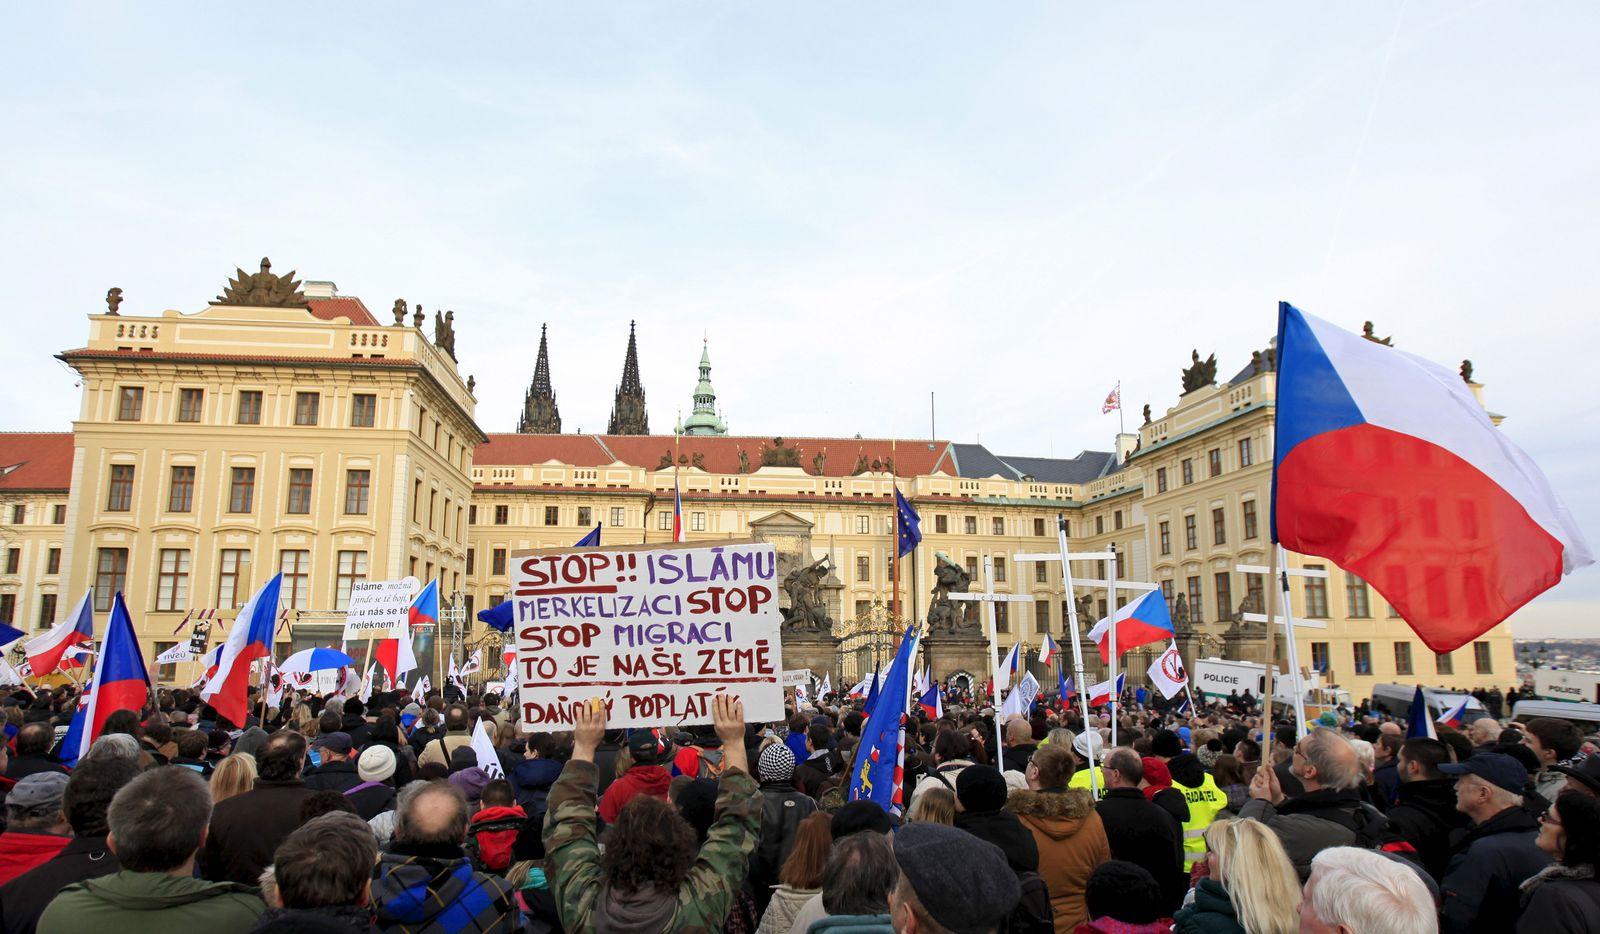 Tschechien/ Migration/ Extremismus